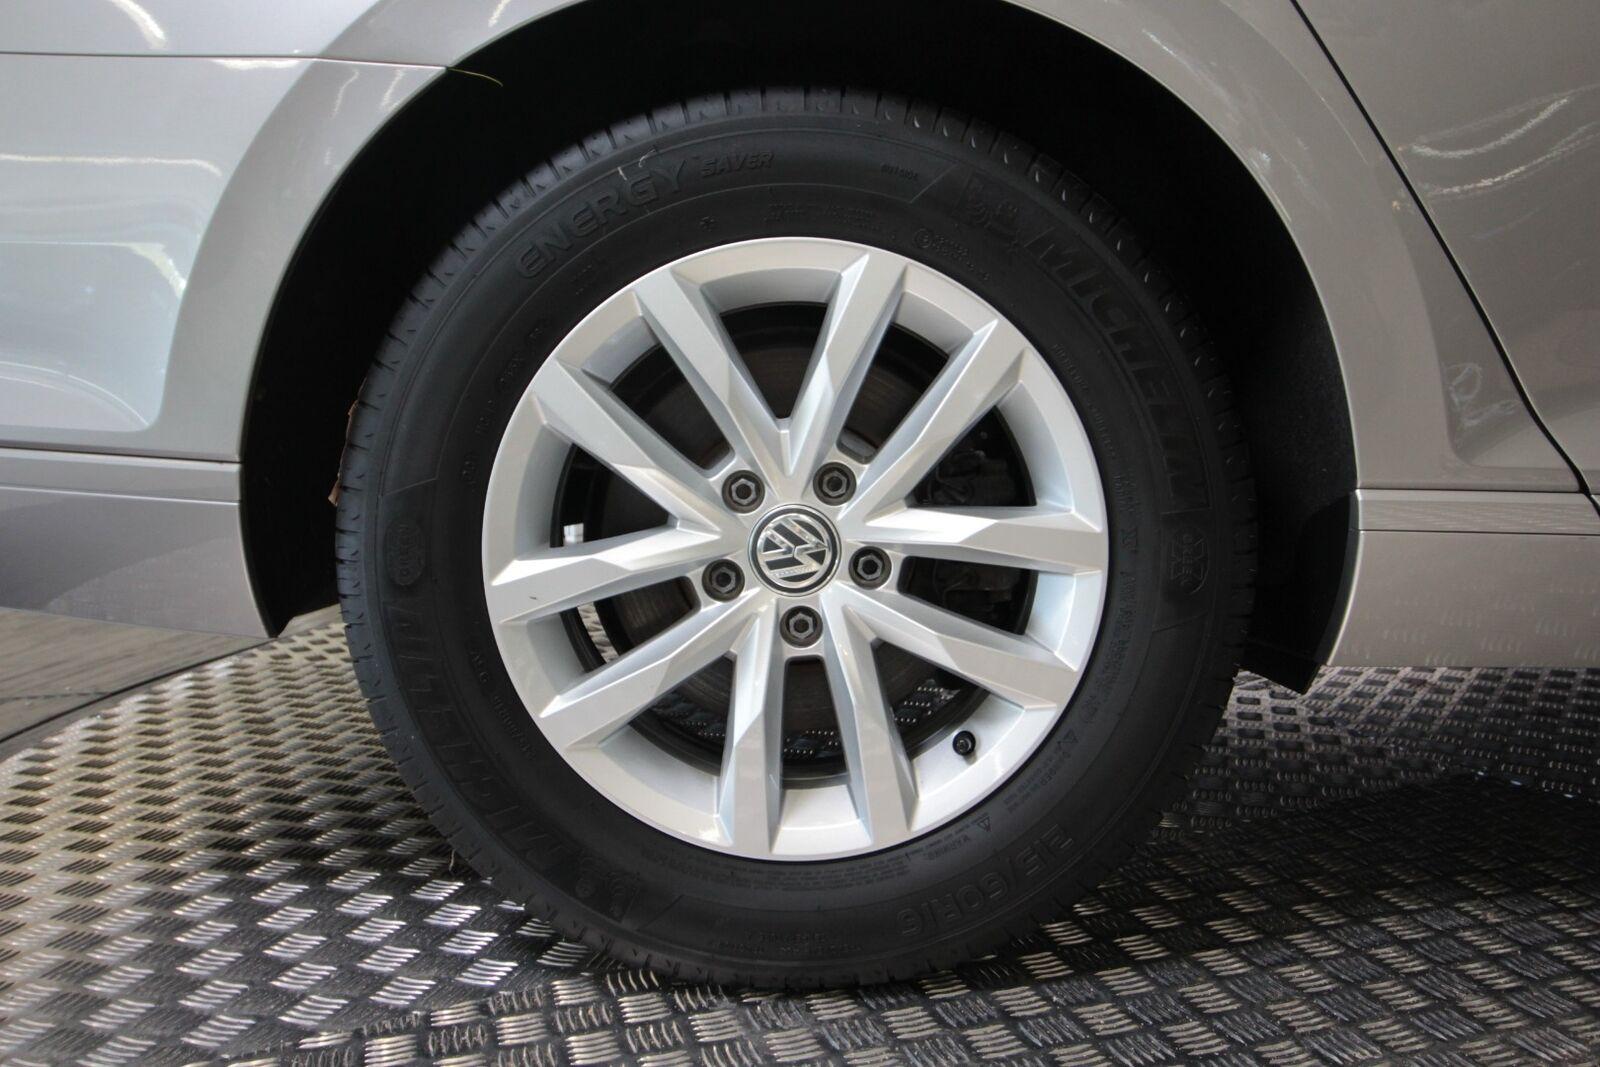 VW Passat TDi 150 Comfortl. Vari. DSG